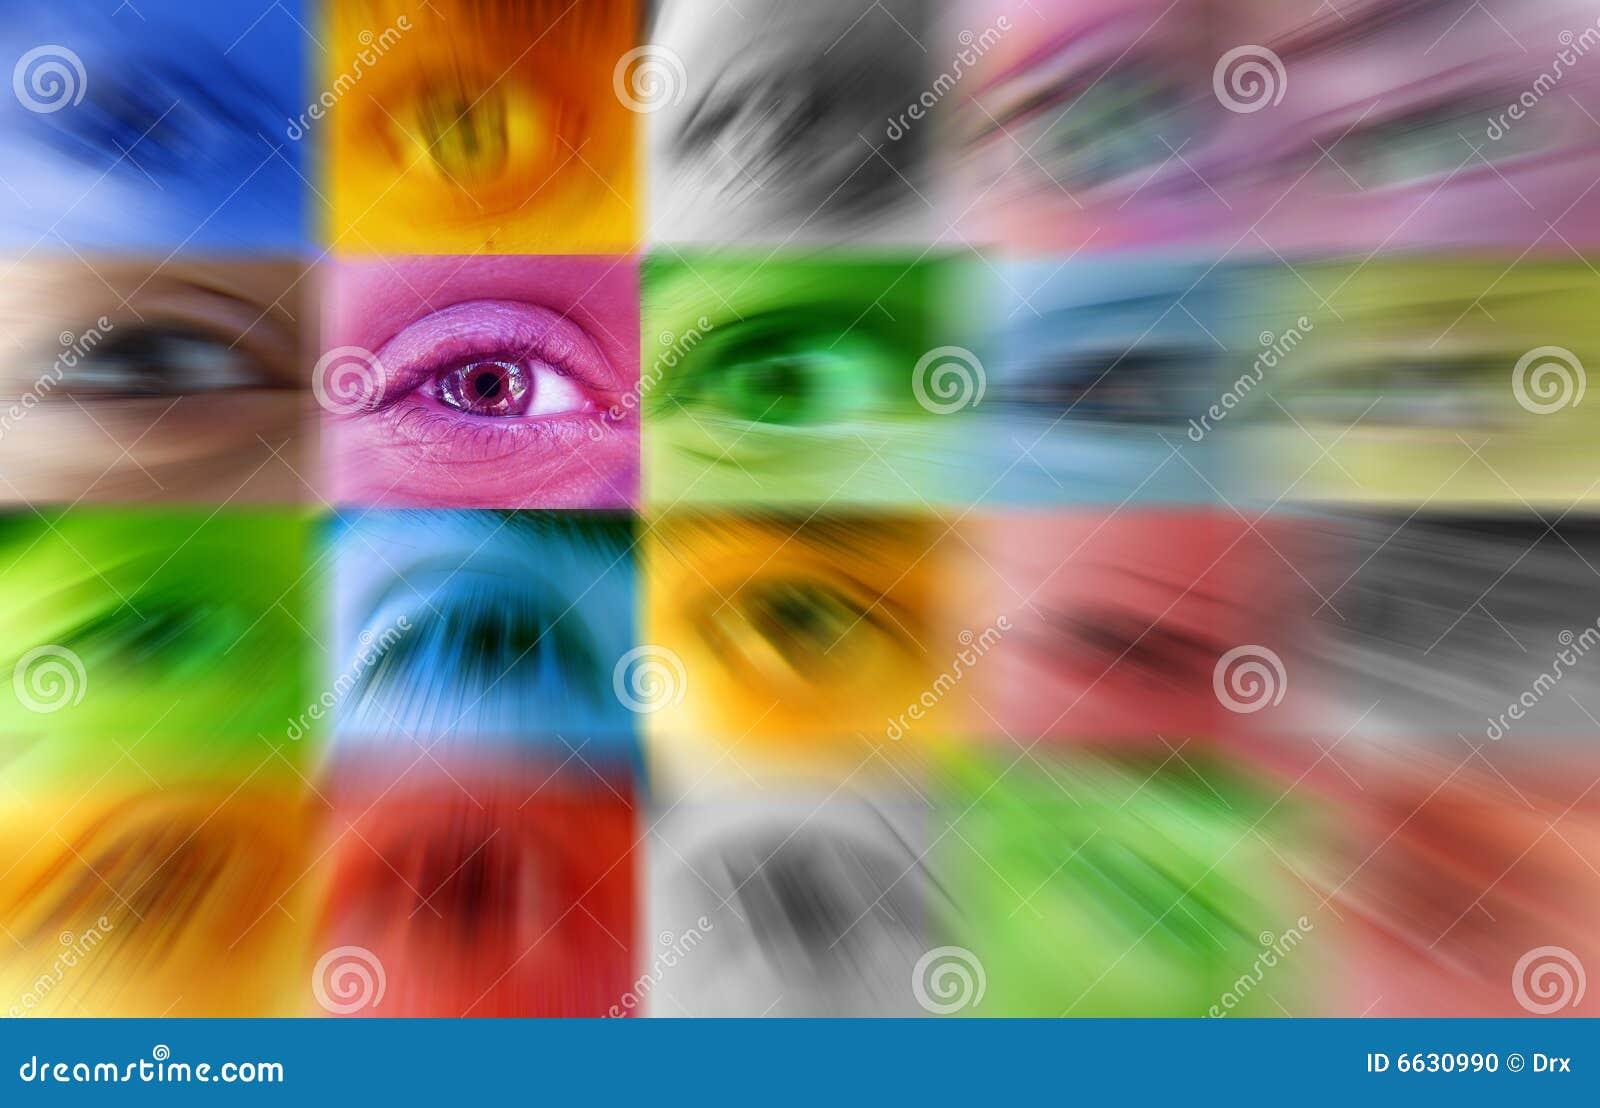 Oka istoty ludzkiej jednostka